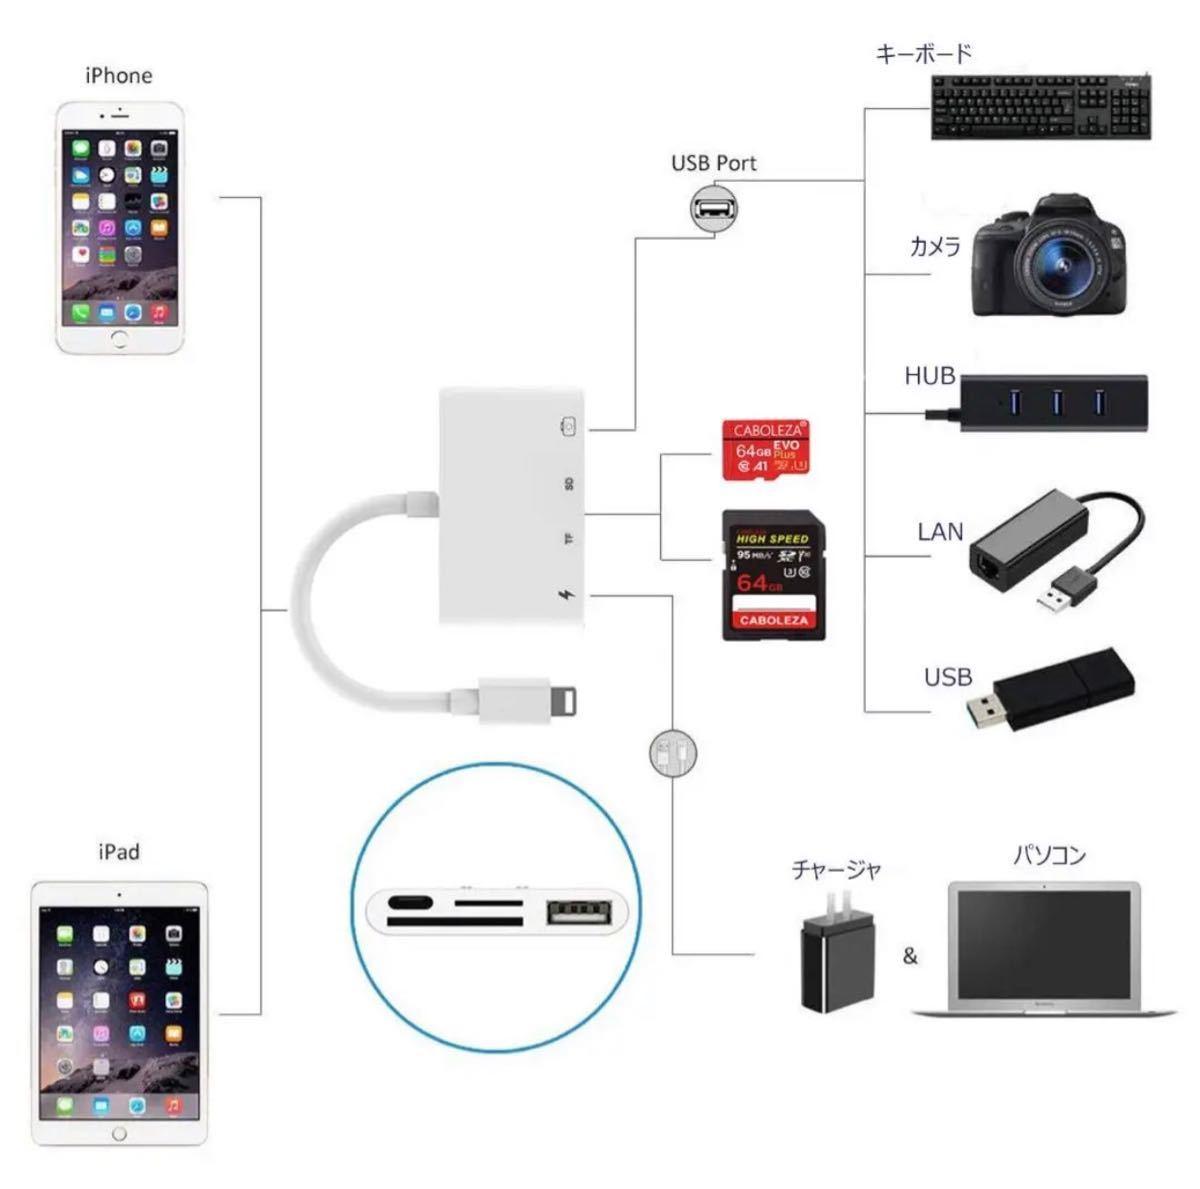 SD カード カメラリーダー カメラデータ移行 人気